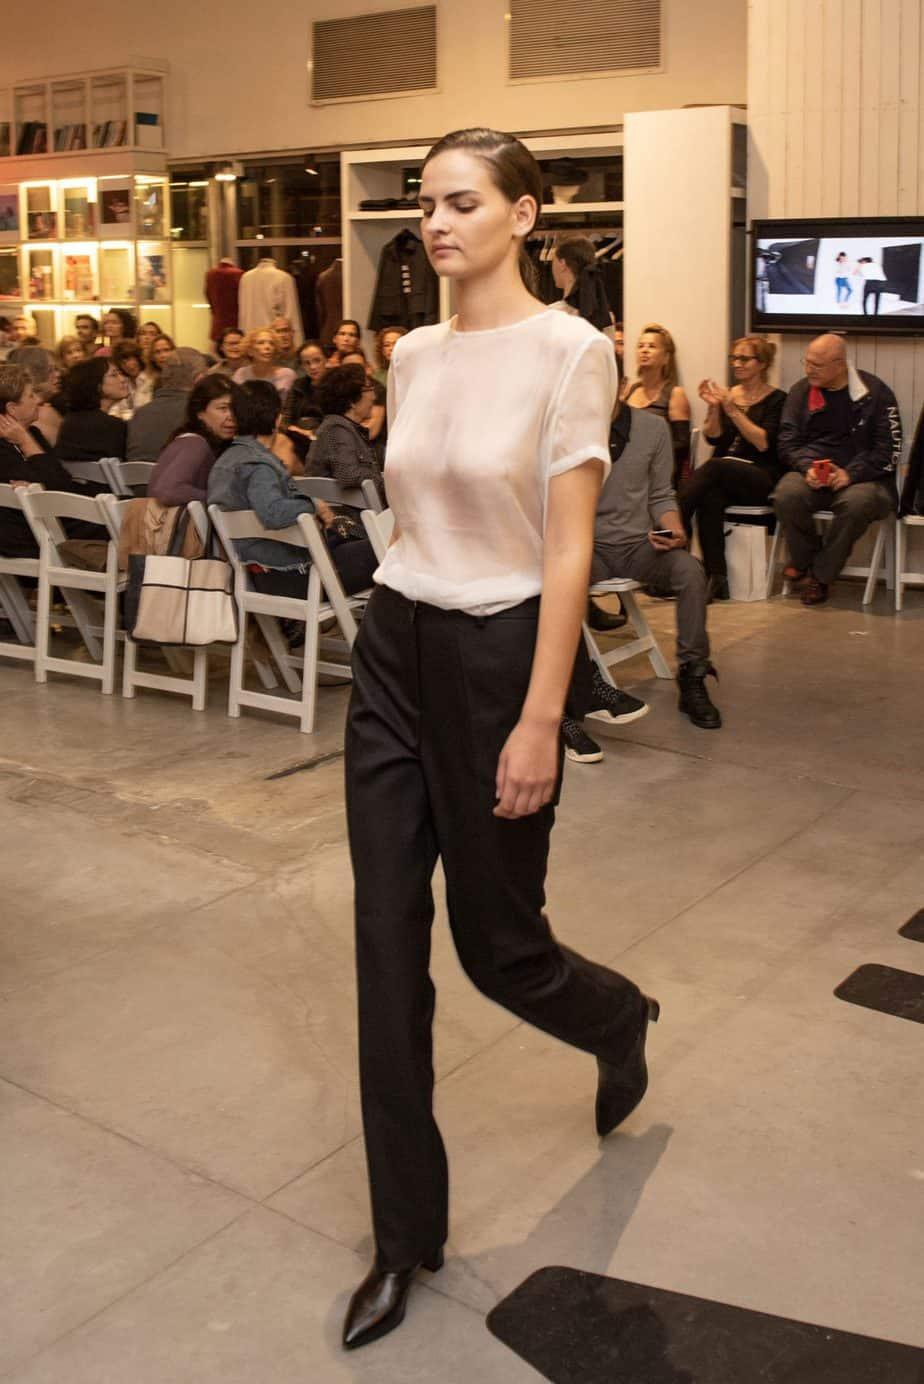 קום איל פו. תצוגת אופנה סתיו חורף 208-19. צילום: יניב לוי -31